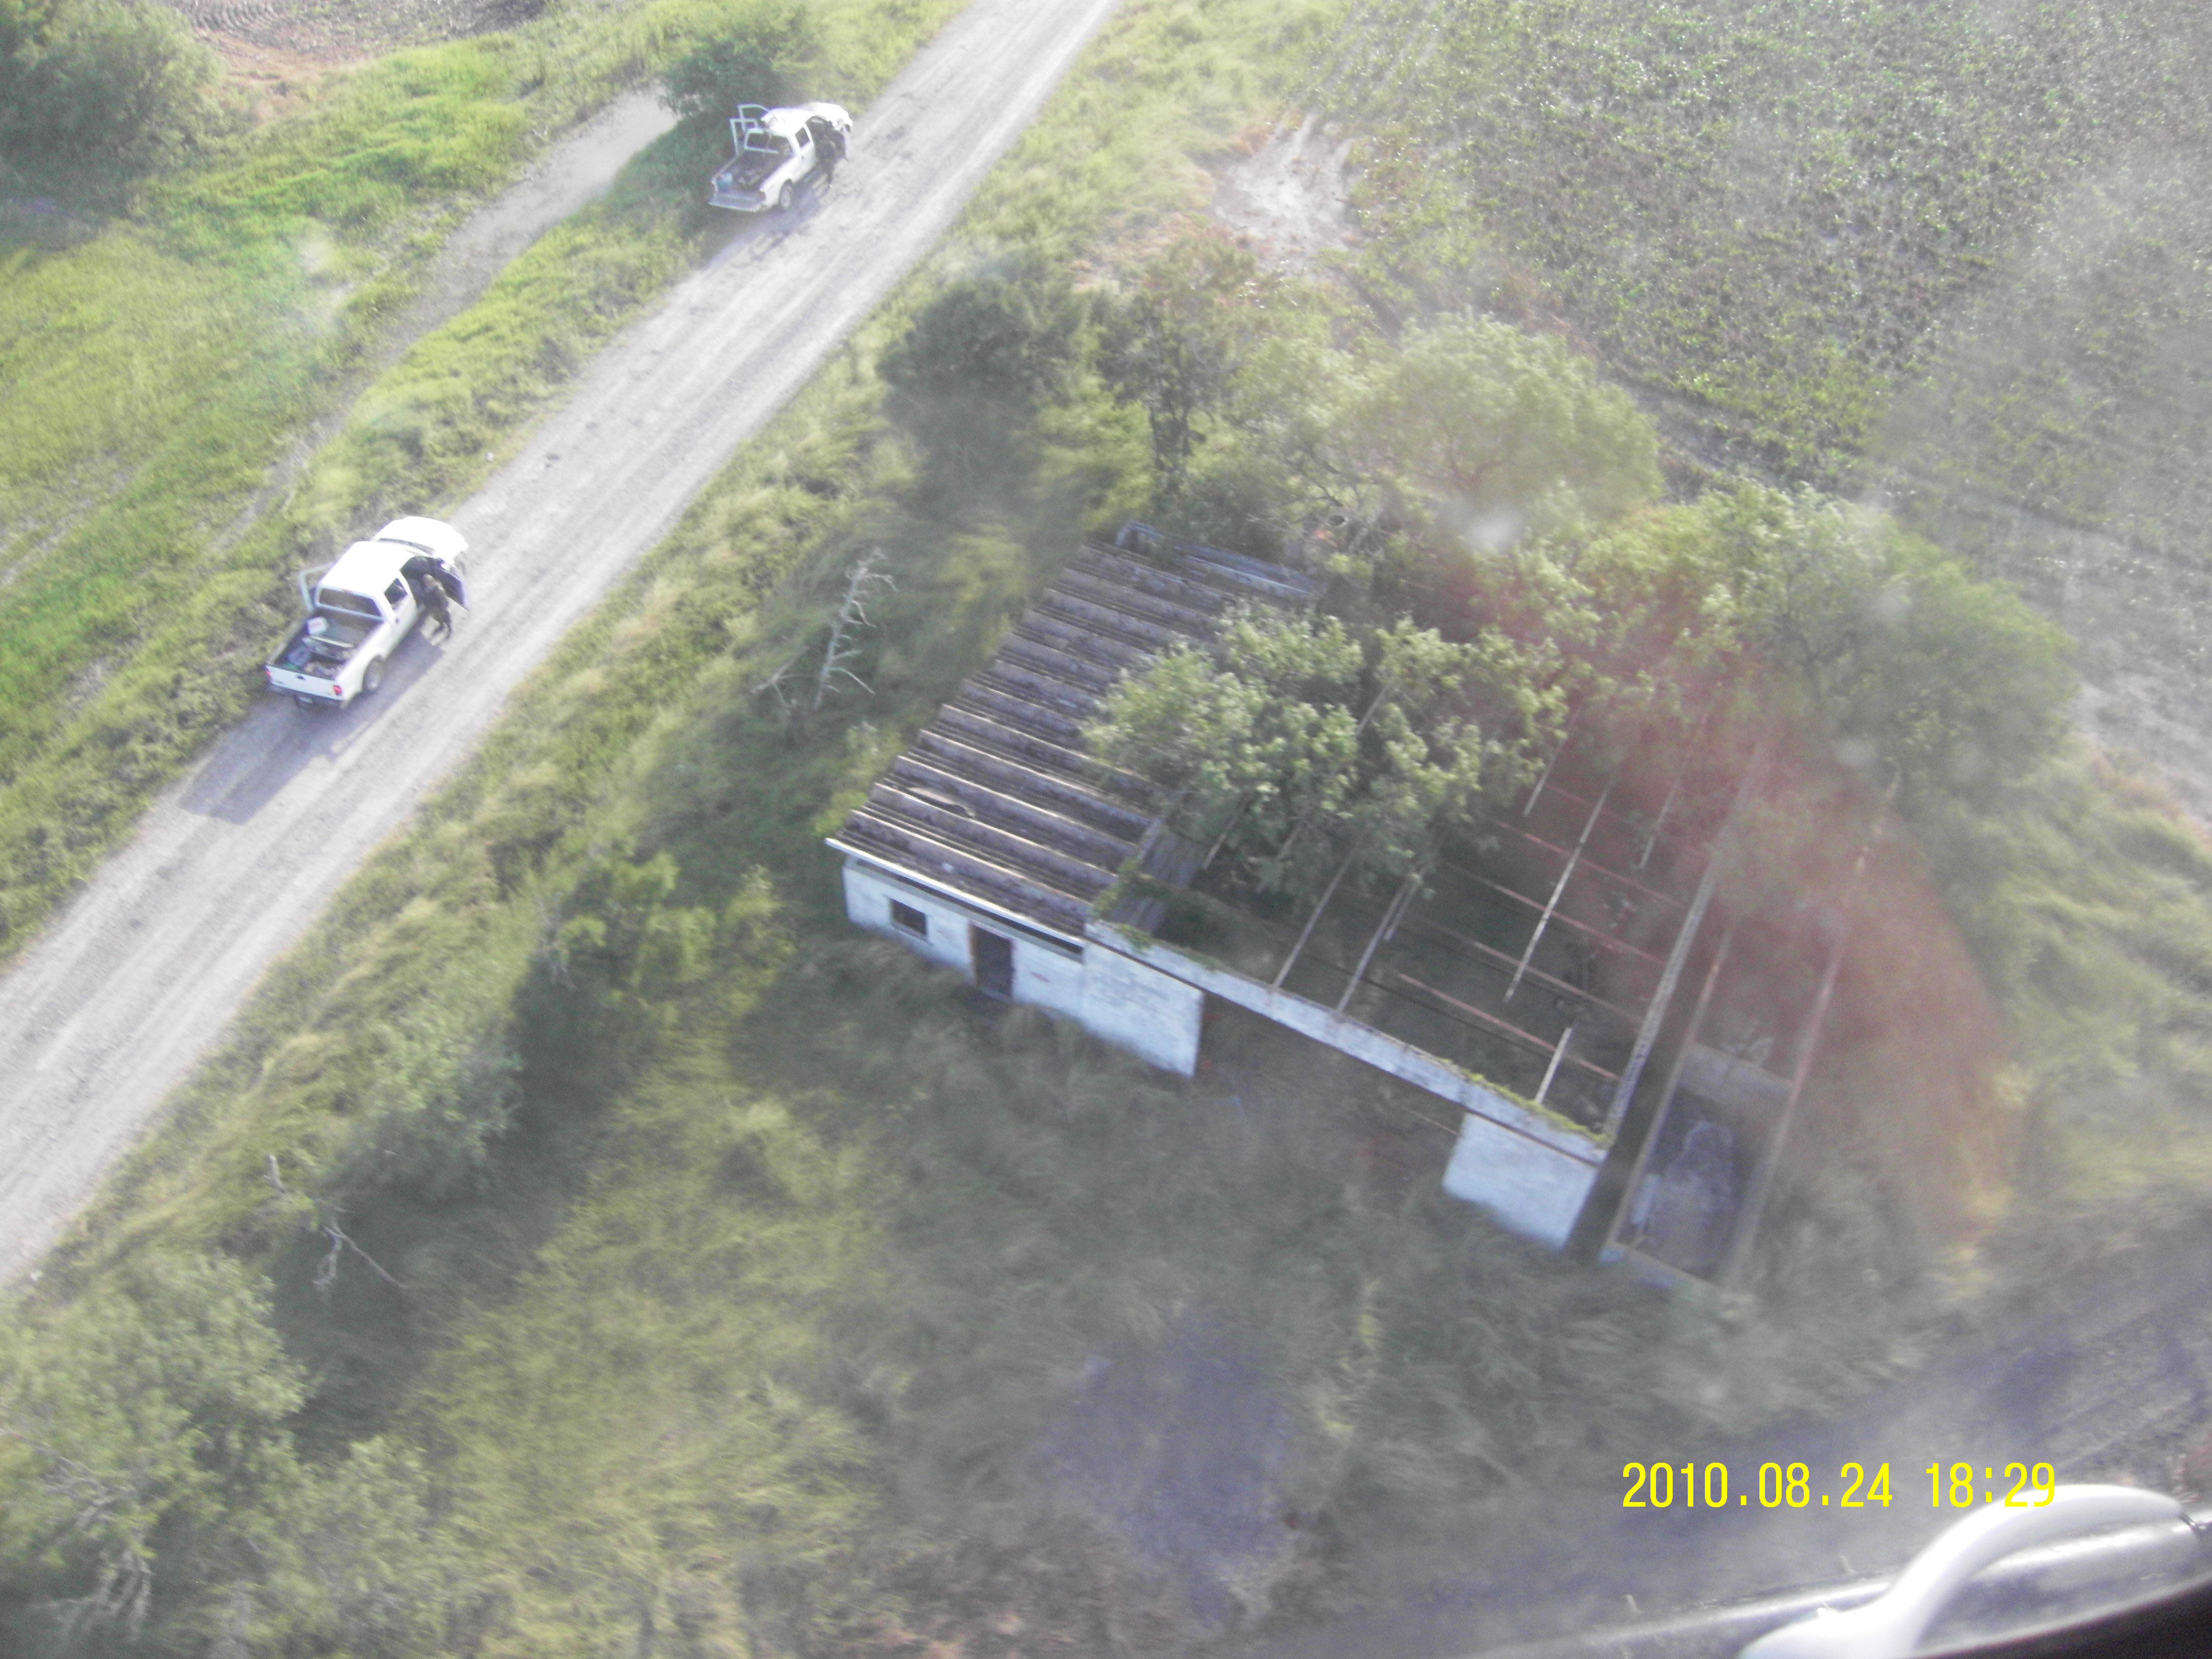 SAN FERNADO, TAMAULIPAS, 25AGOSTO2010.- Tras la denuncia de un ciudadano ecuatoriano, la Secretaría de...